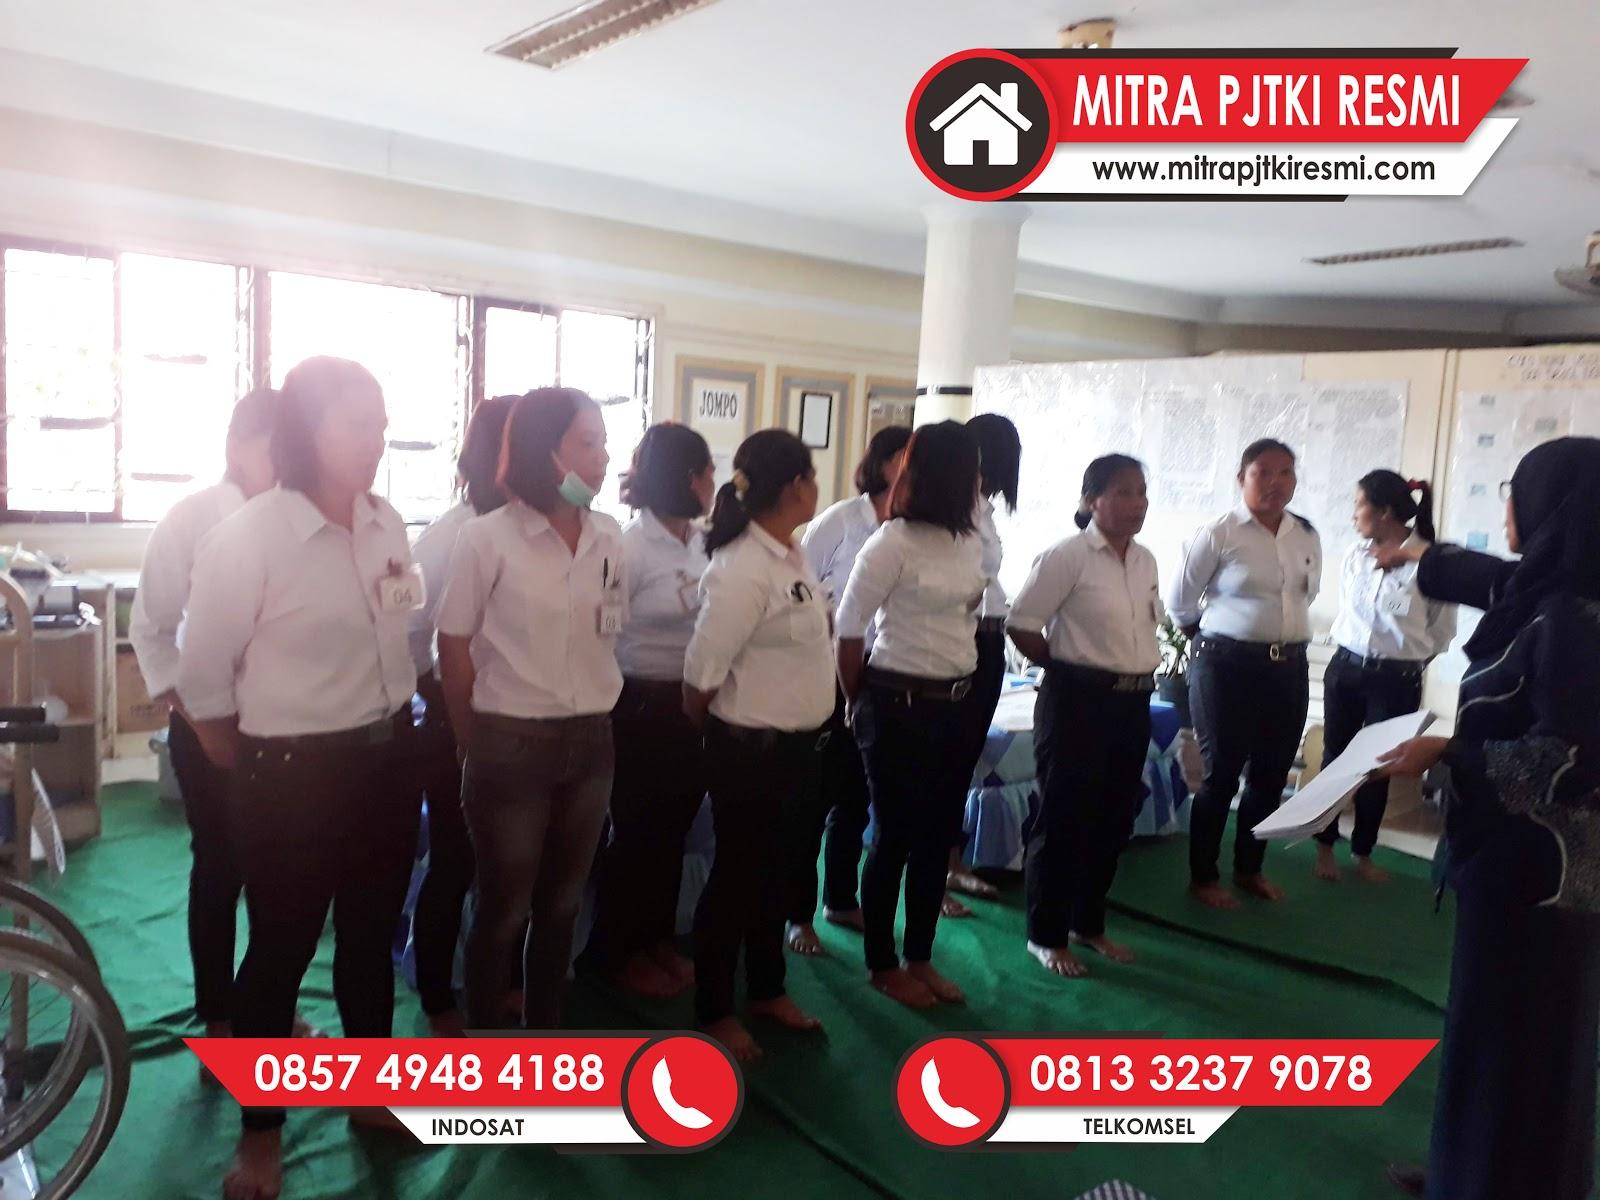 Lowongan Kerja Di Malaysia 2021 Pusat Info Tki Tkw Gratis